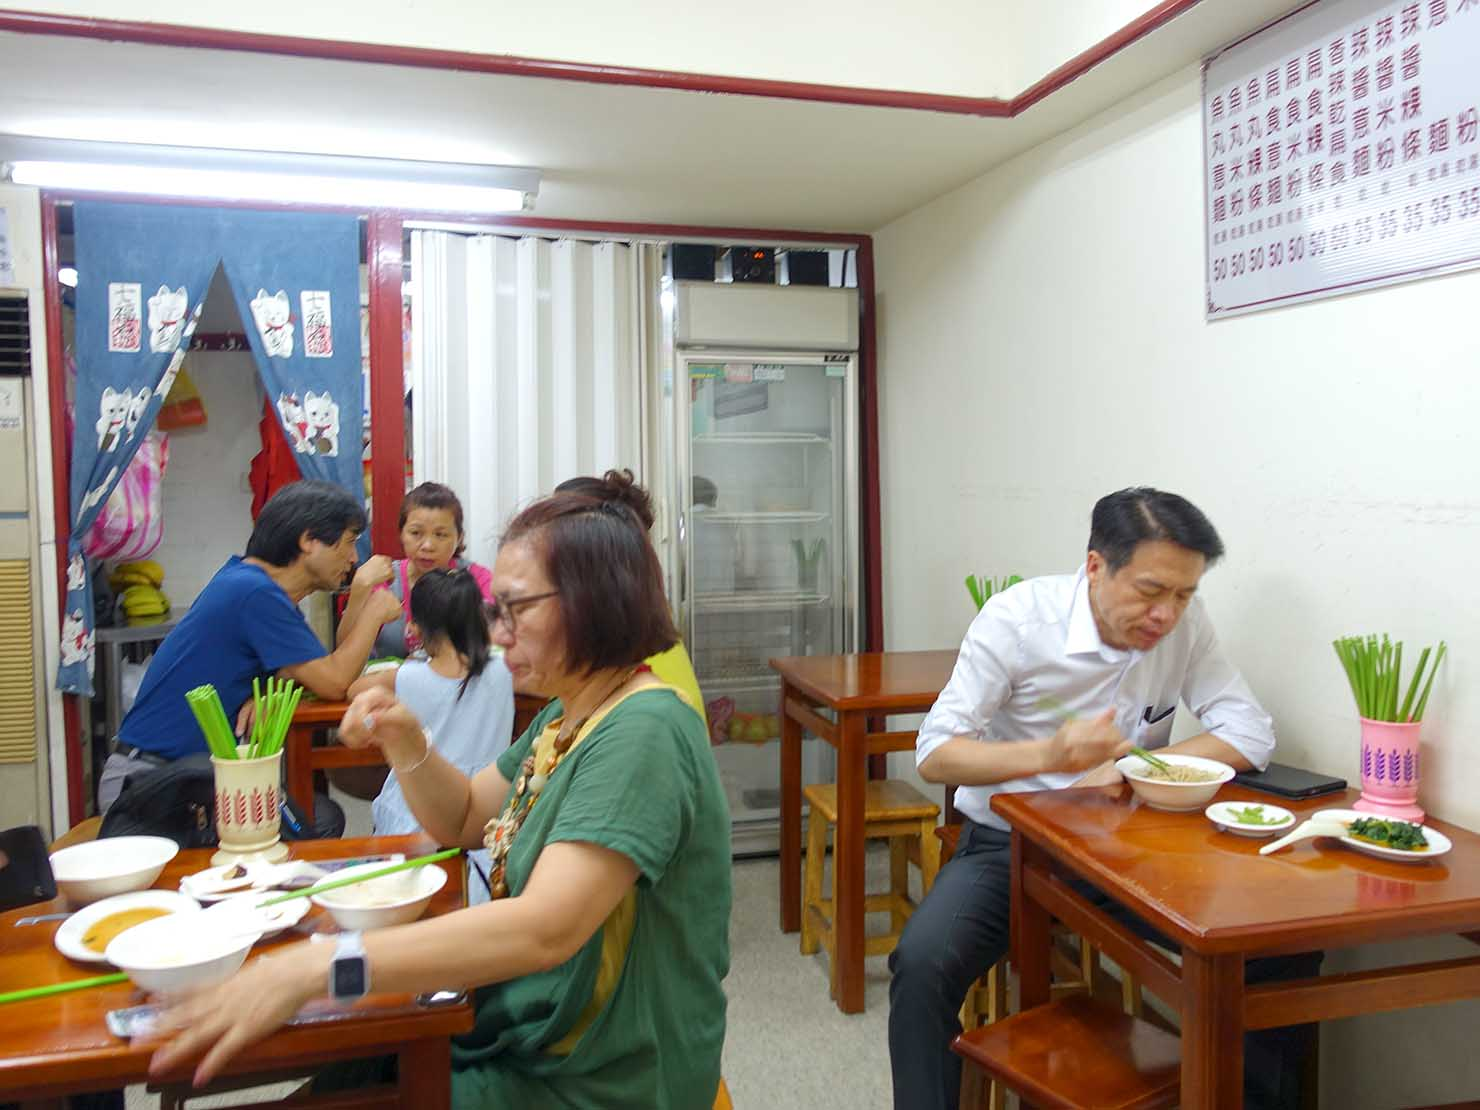 台北・行天宮のおすすめグルメ店「真味堂傳統意麵」の店内